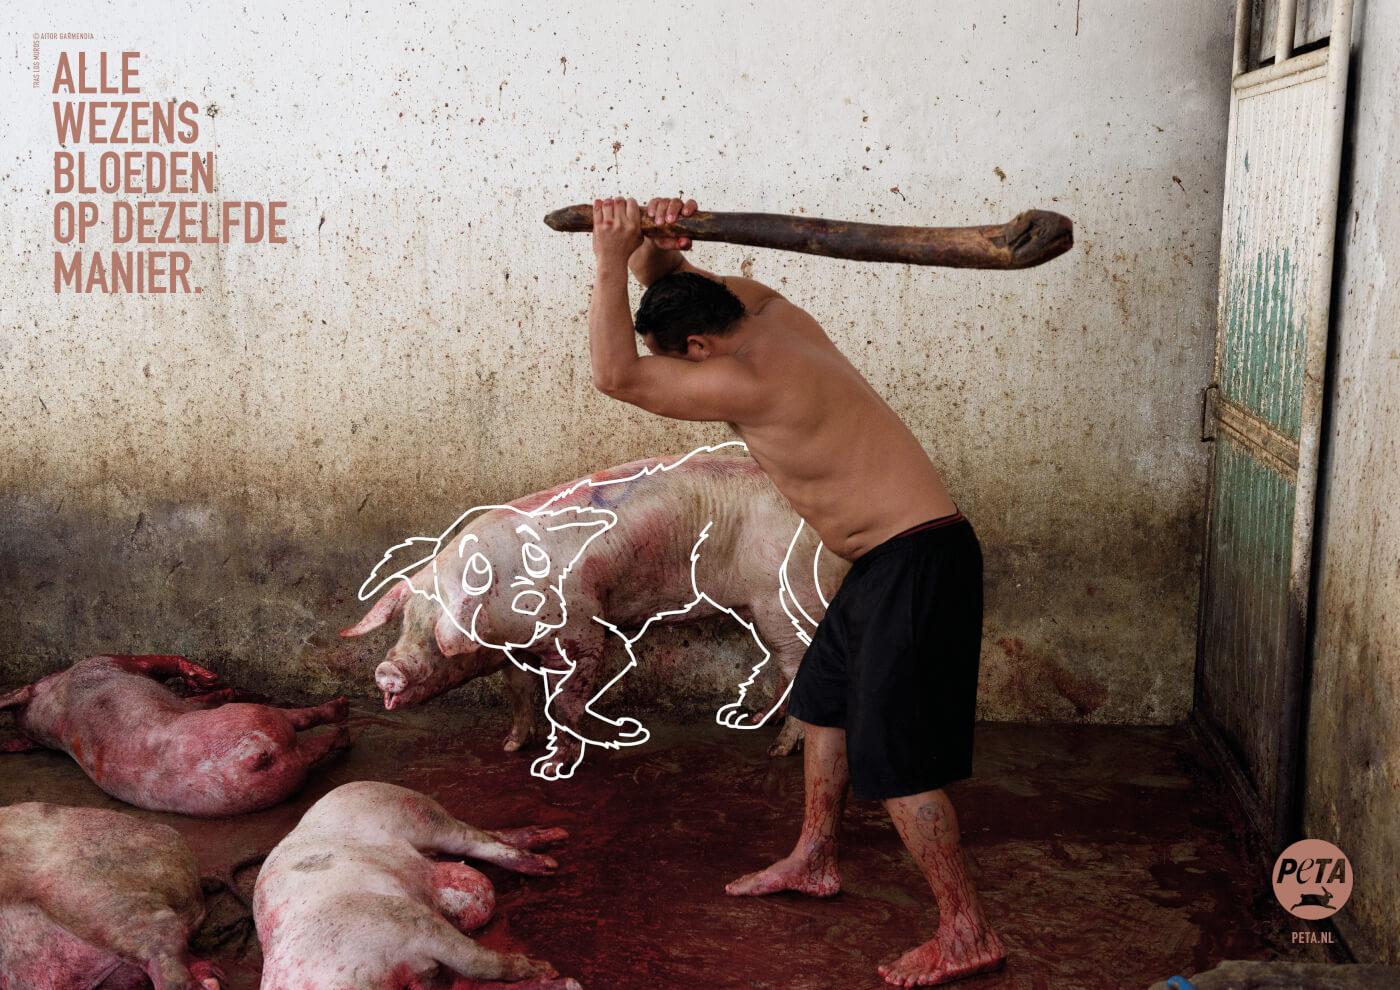 'Alle wezens bloeden op dezelfde manier': nieuwe PETA-advertenties stellen speciësisme ter discussie